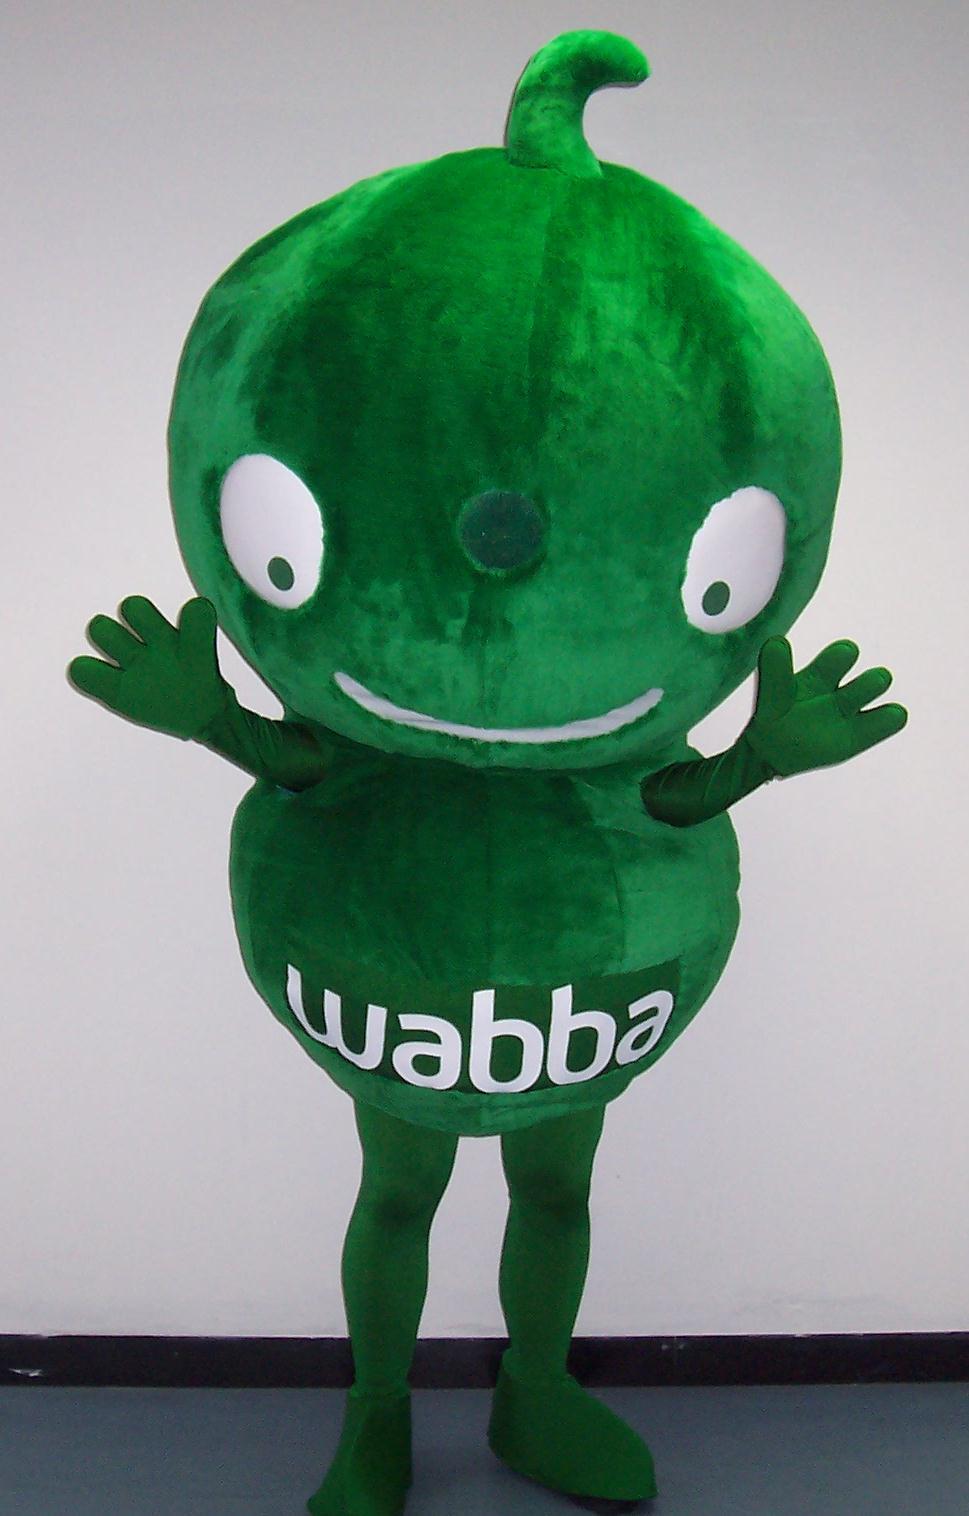 Wabba Dabba